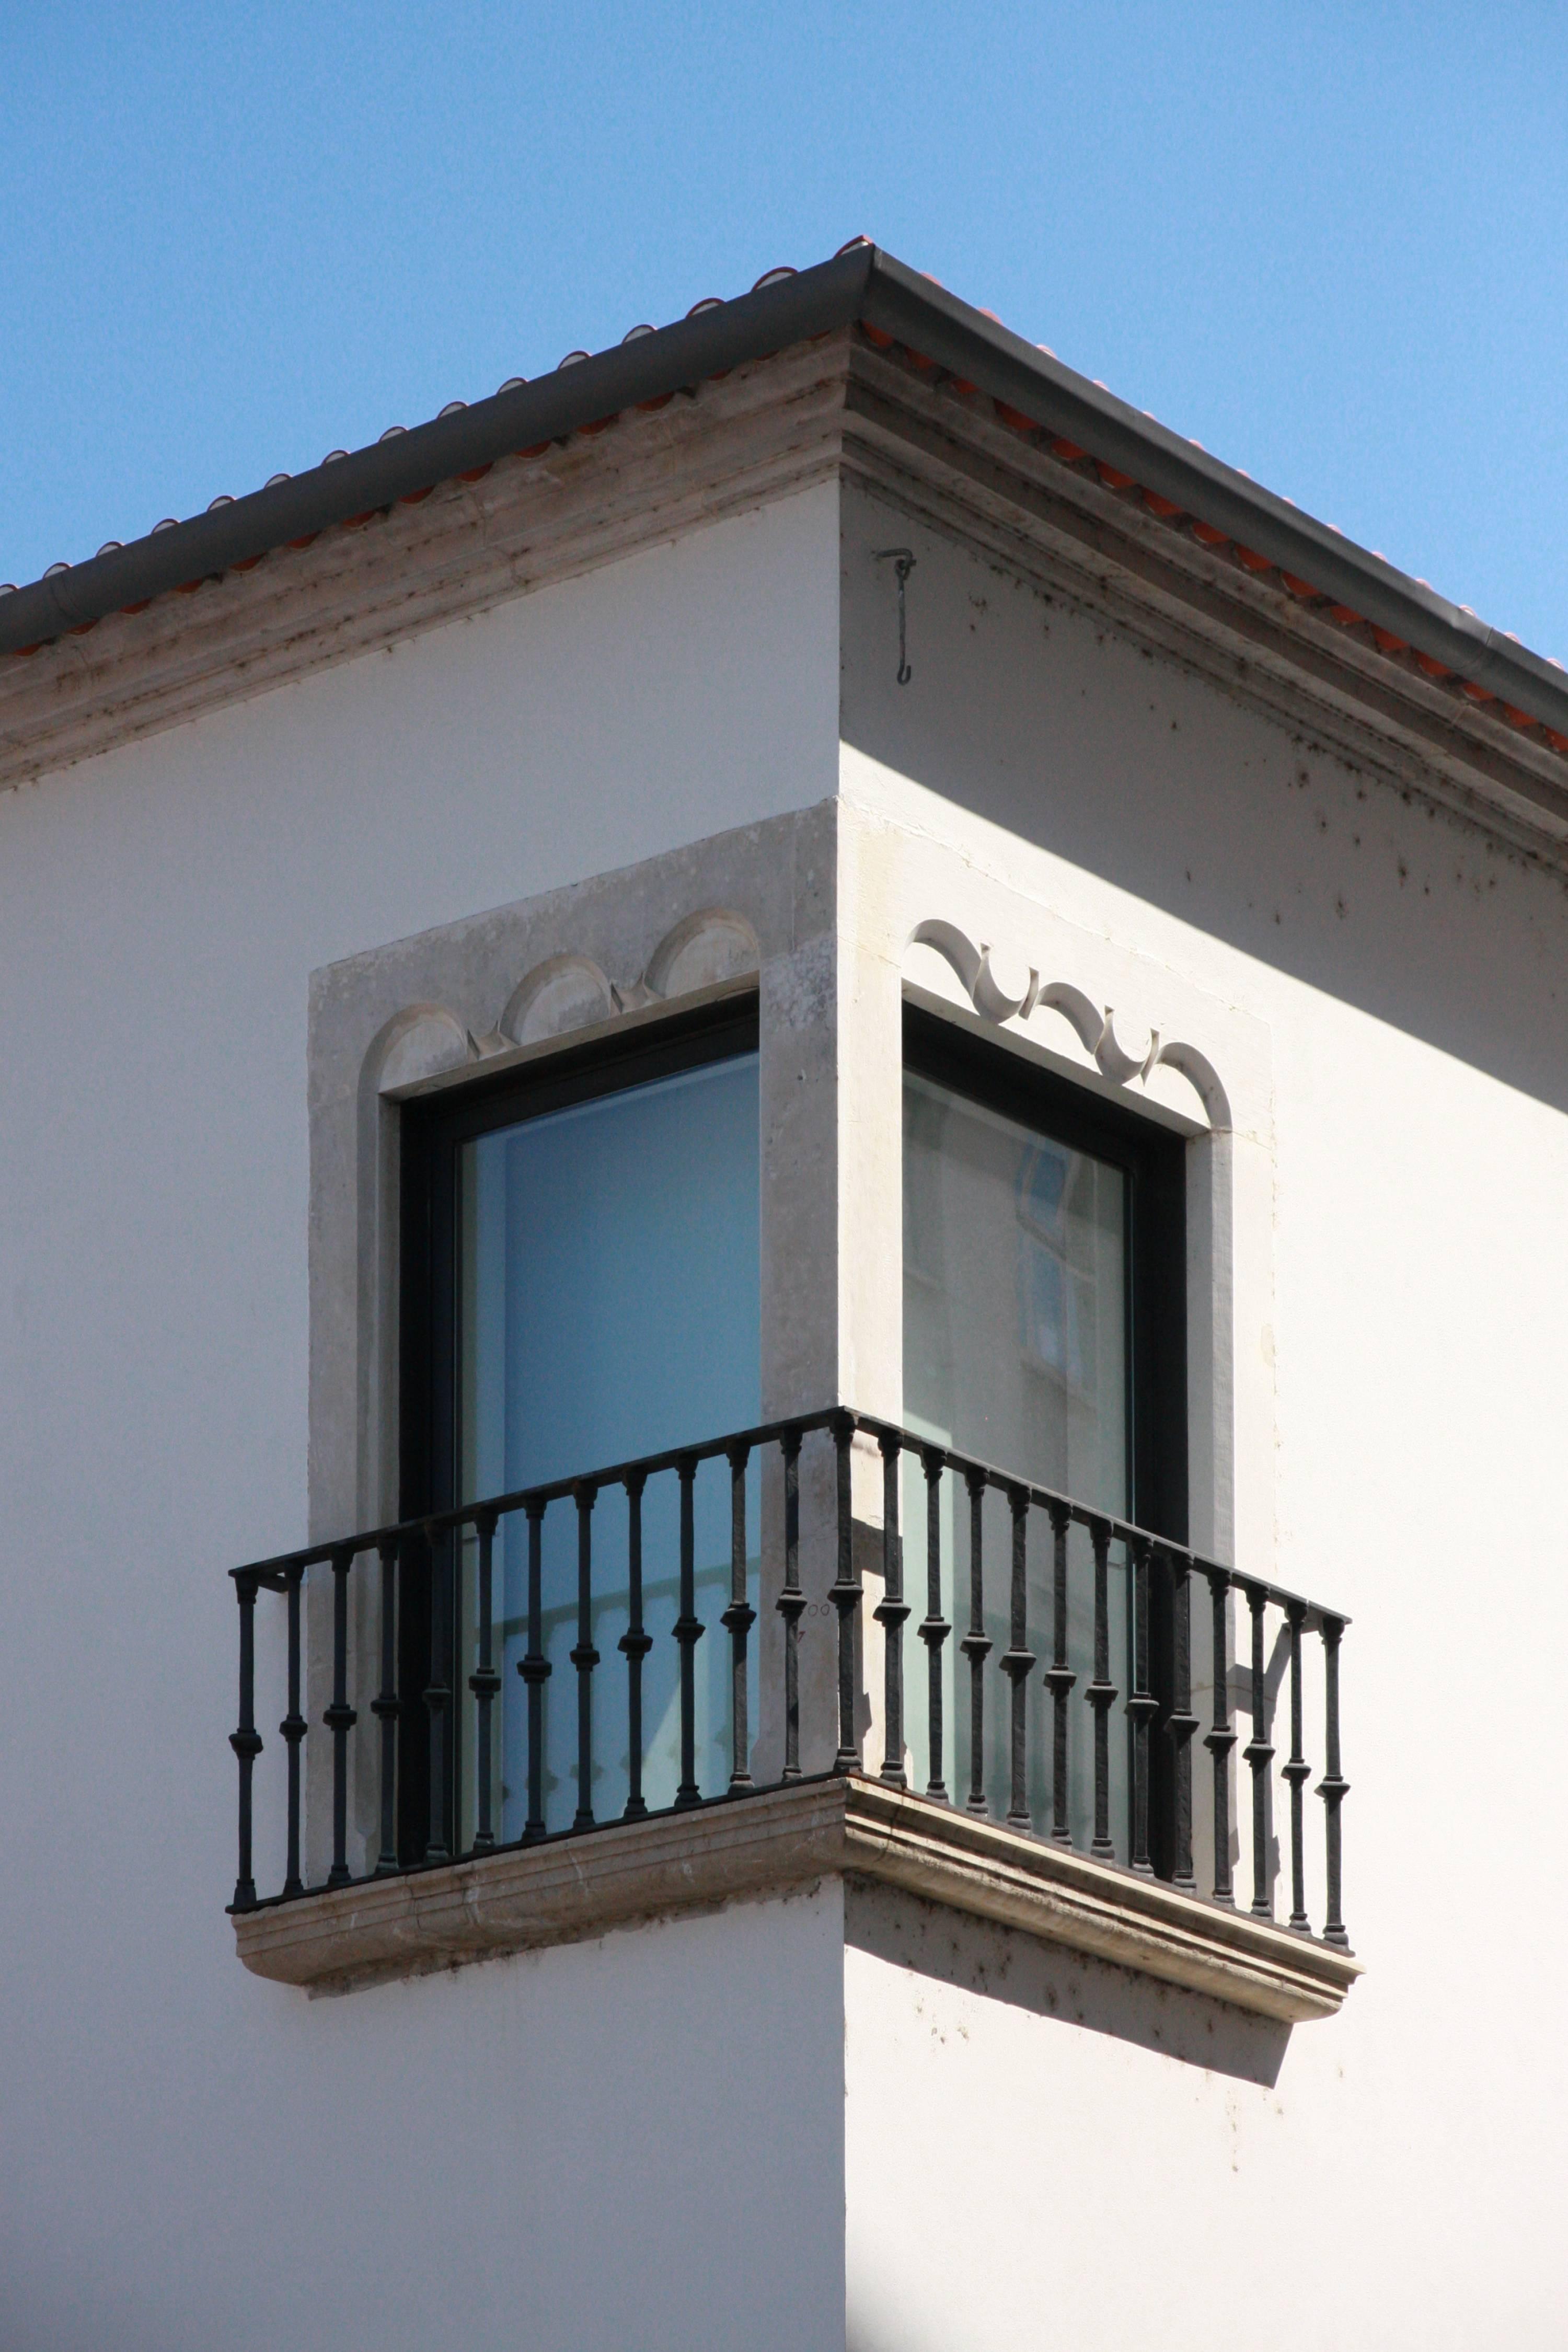 Corner window, Coimbra, Portugal